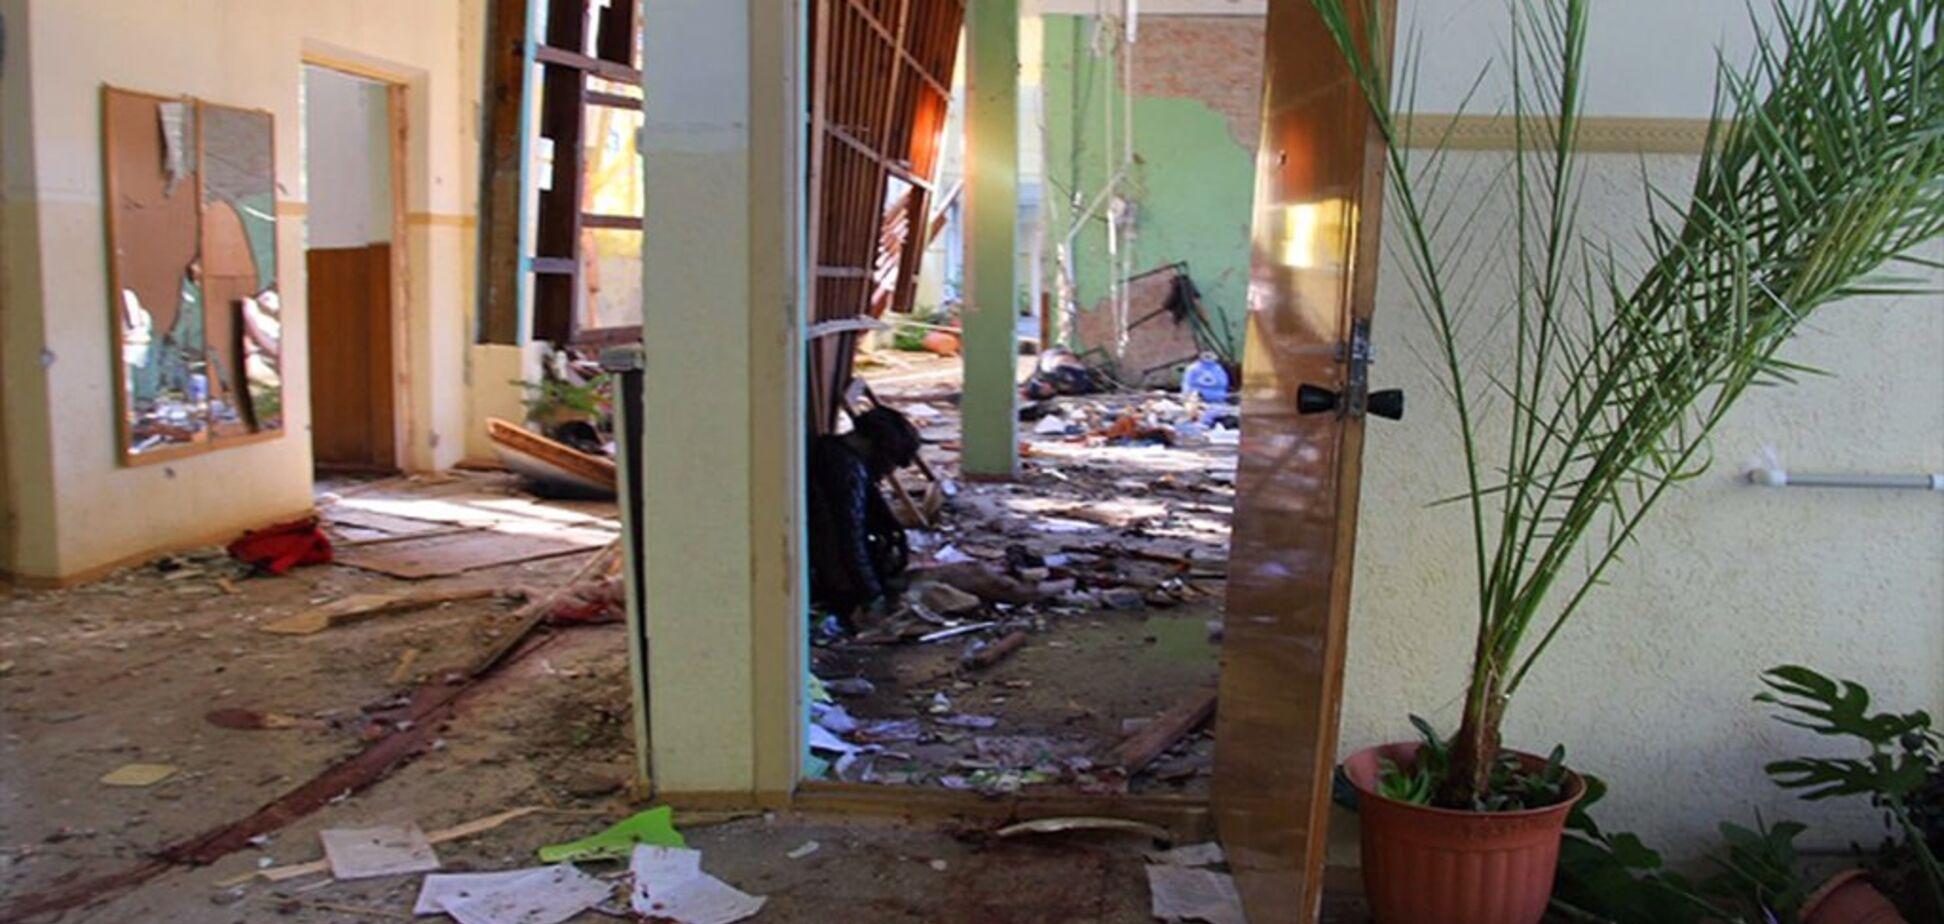 Массовый расстрел в Керчи: появились первые фото и видео с места кровавой трагедии